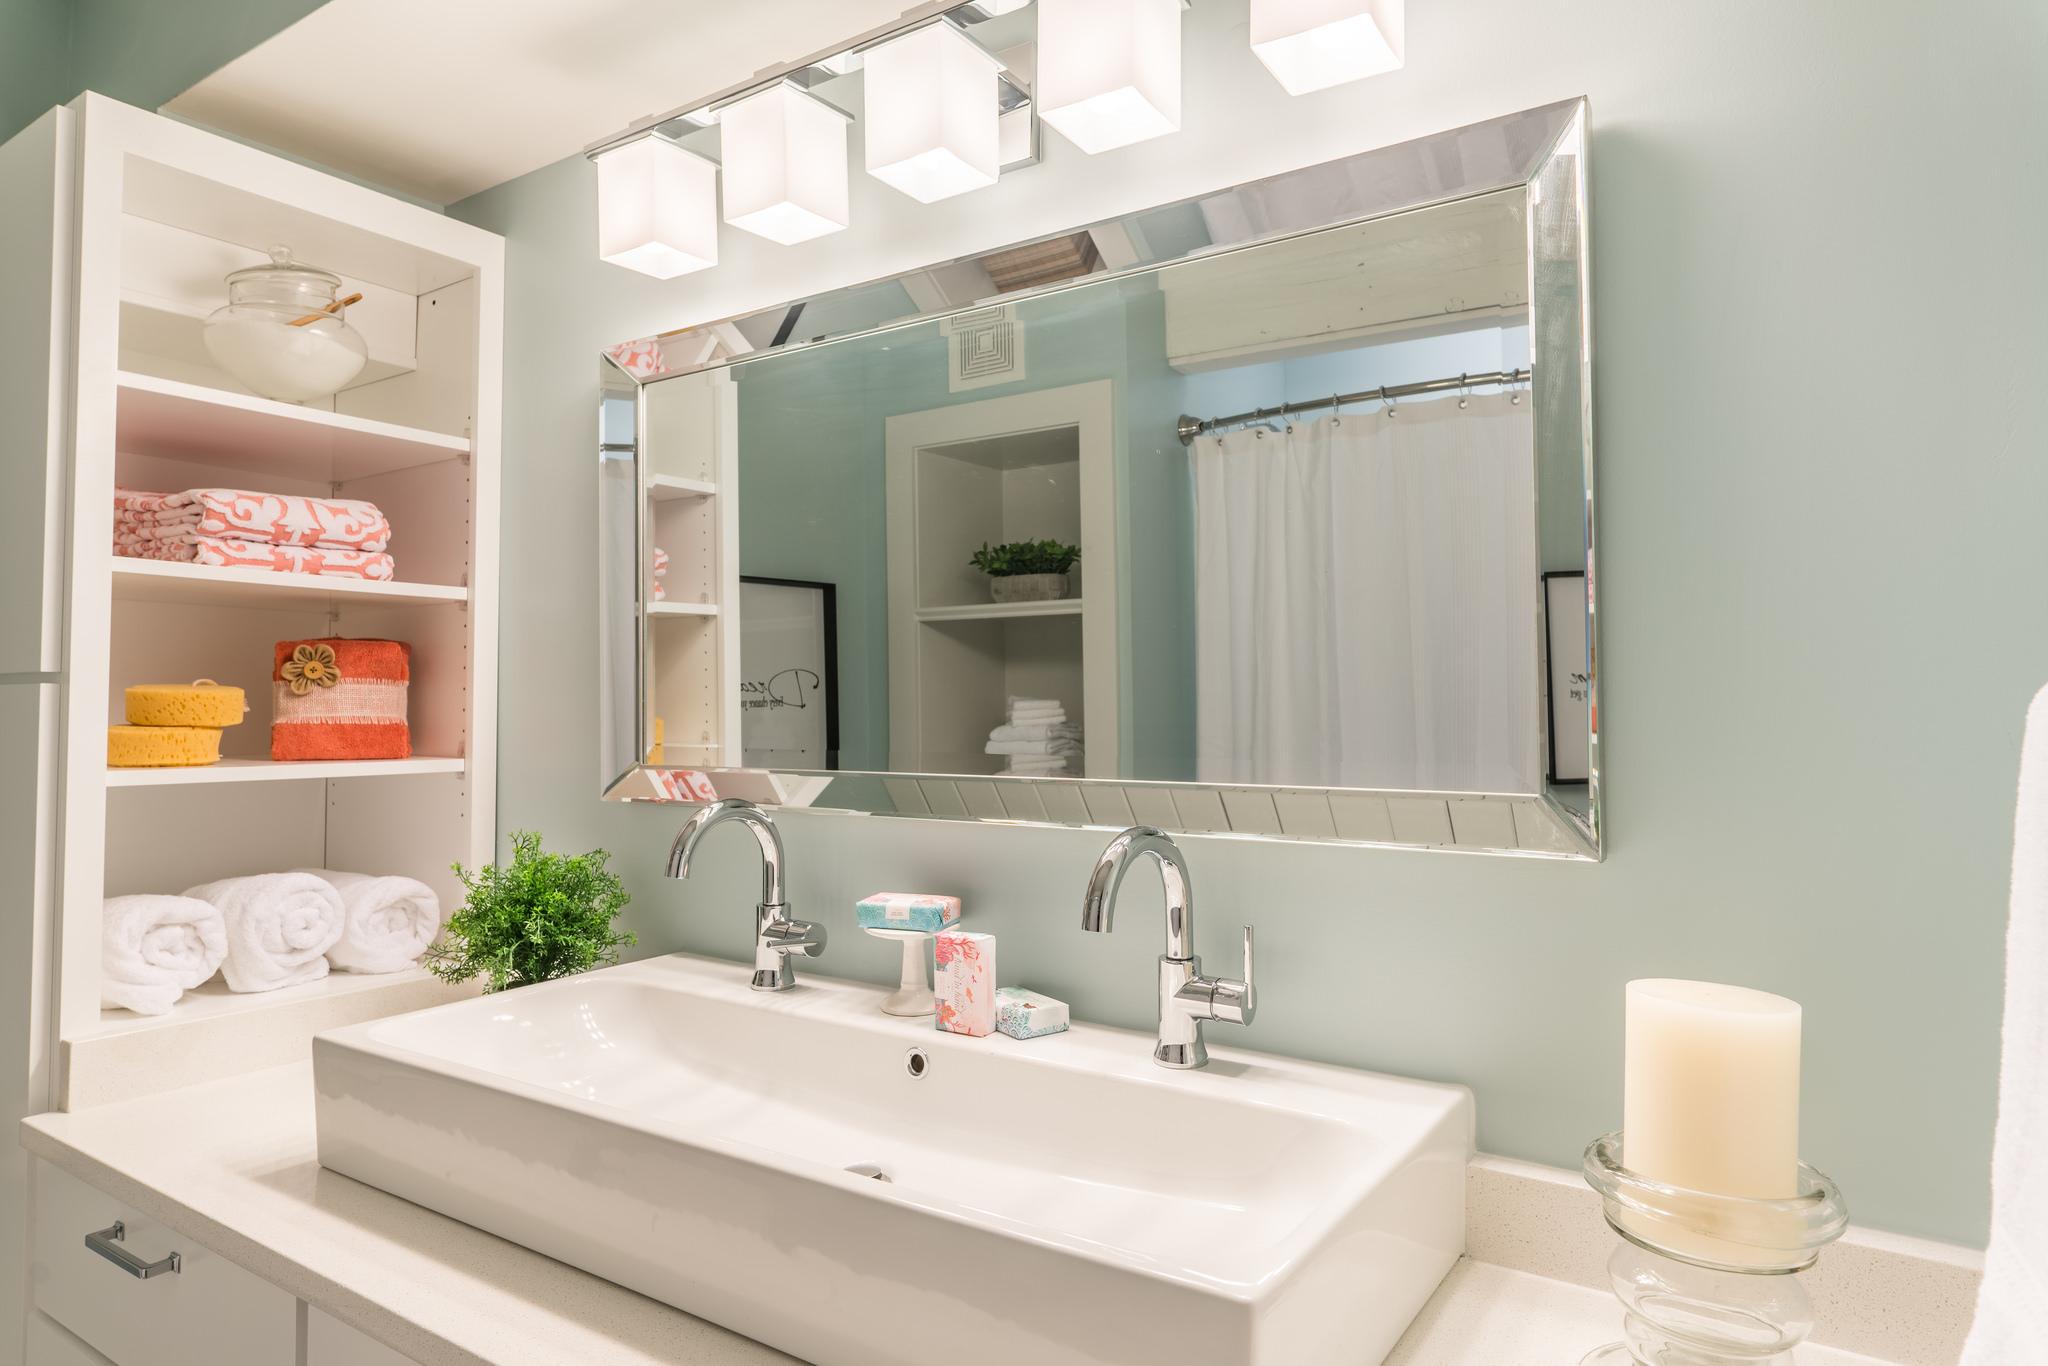 Kids' bathroom vanity